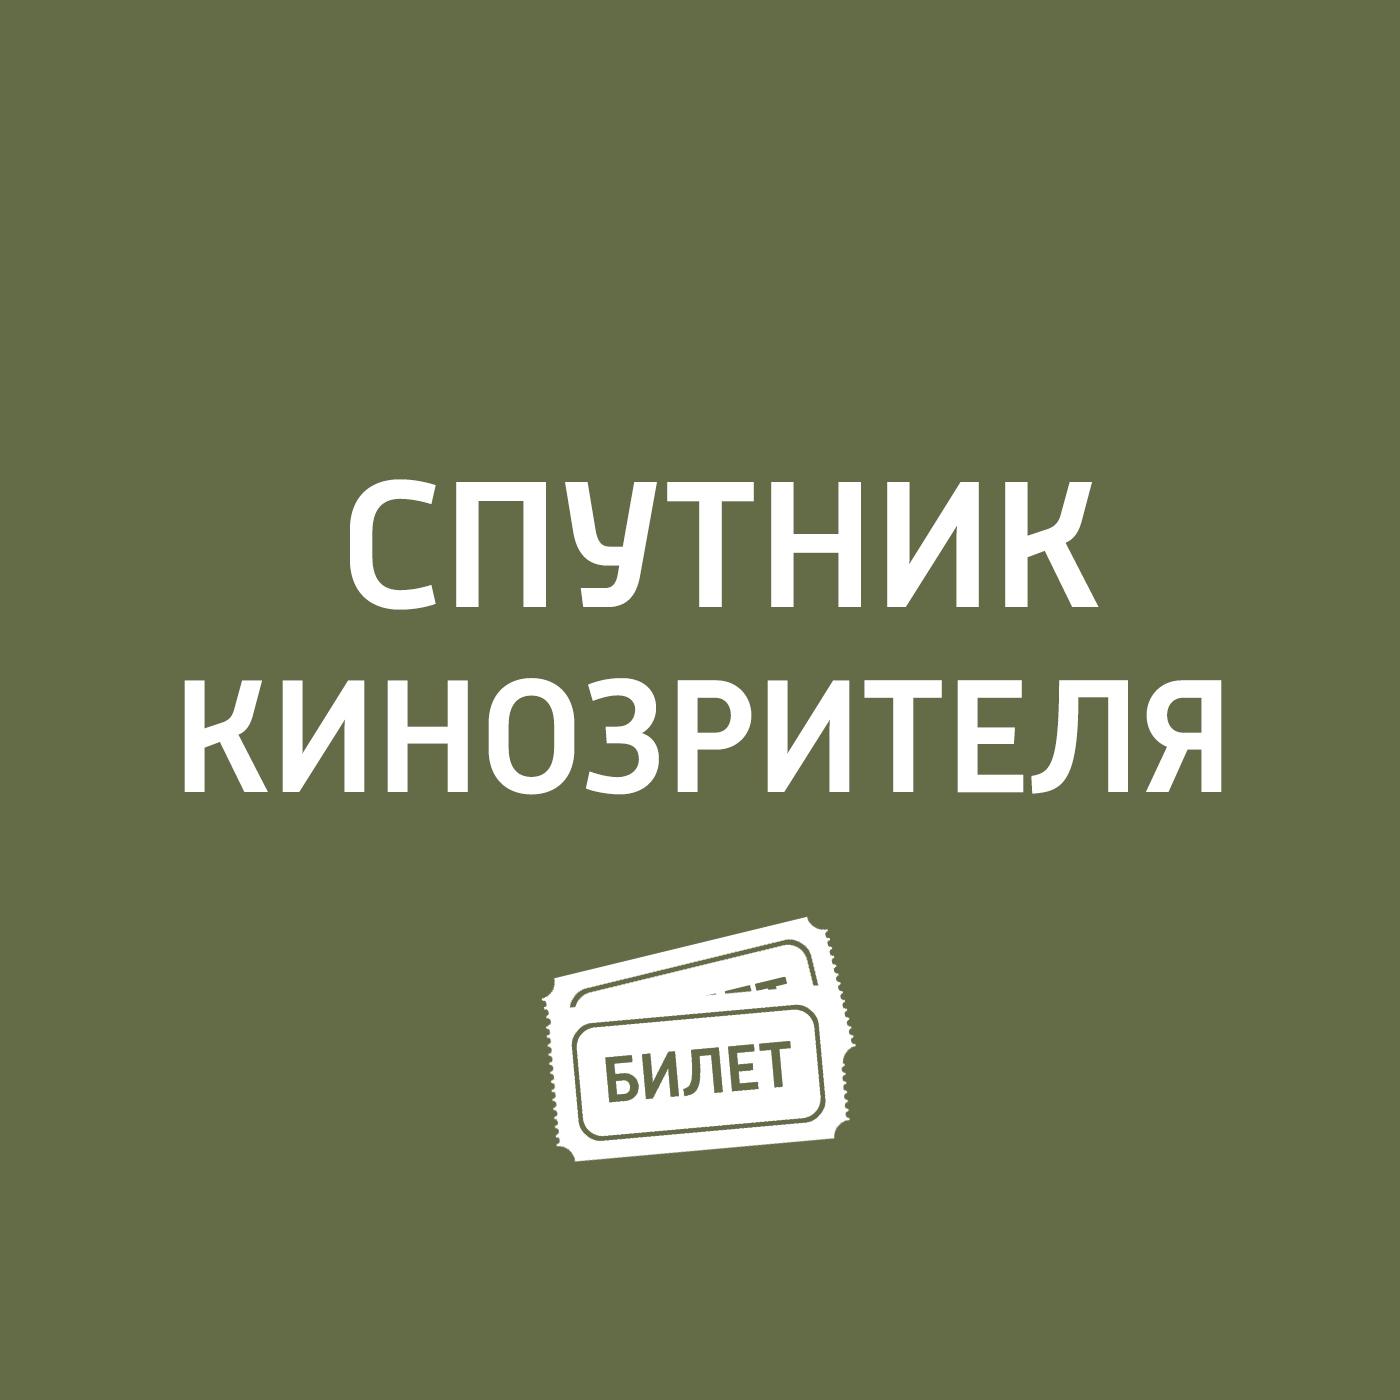 Антон Долин Канны 2017. Антон Долин о фильме «Нелюбовь Андрея Звягинцева